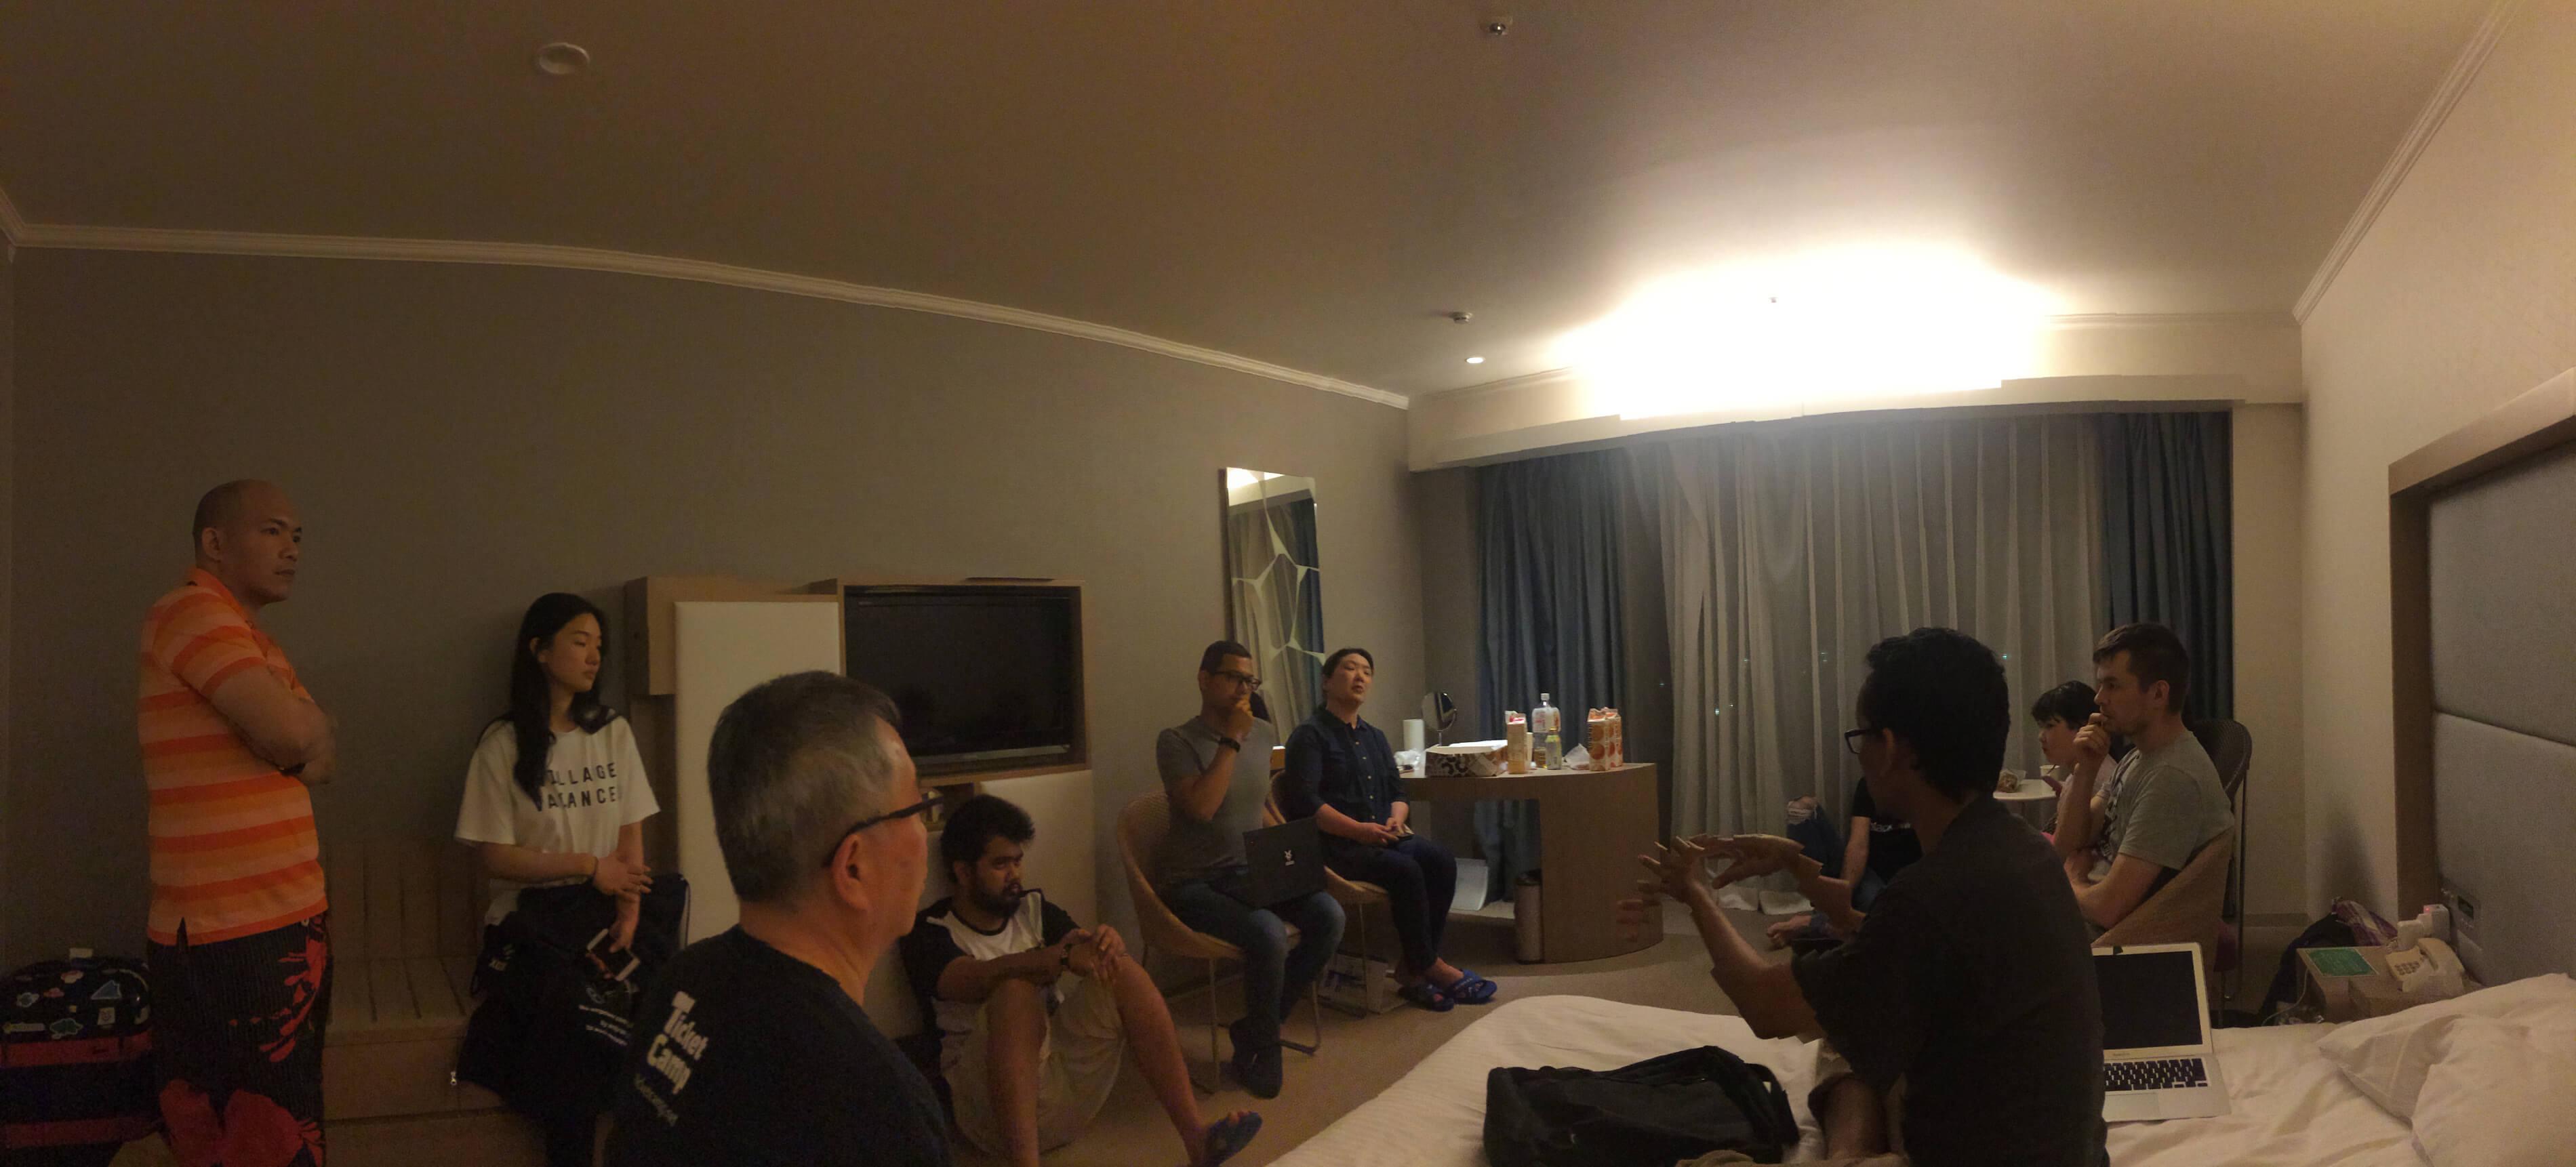 Xoxzo meeting in hotel room